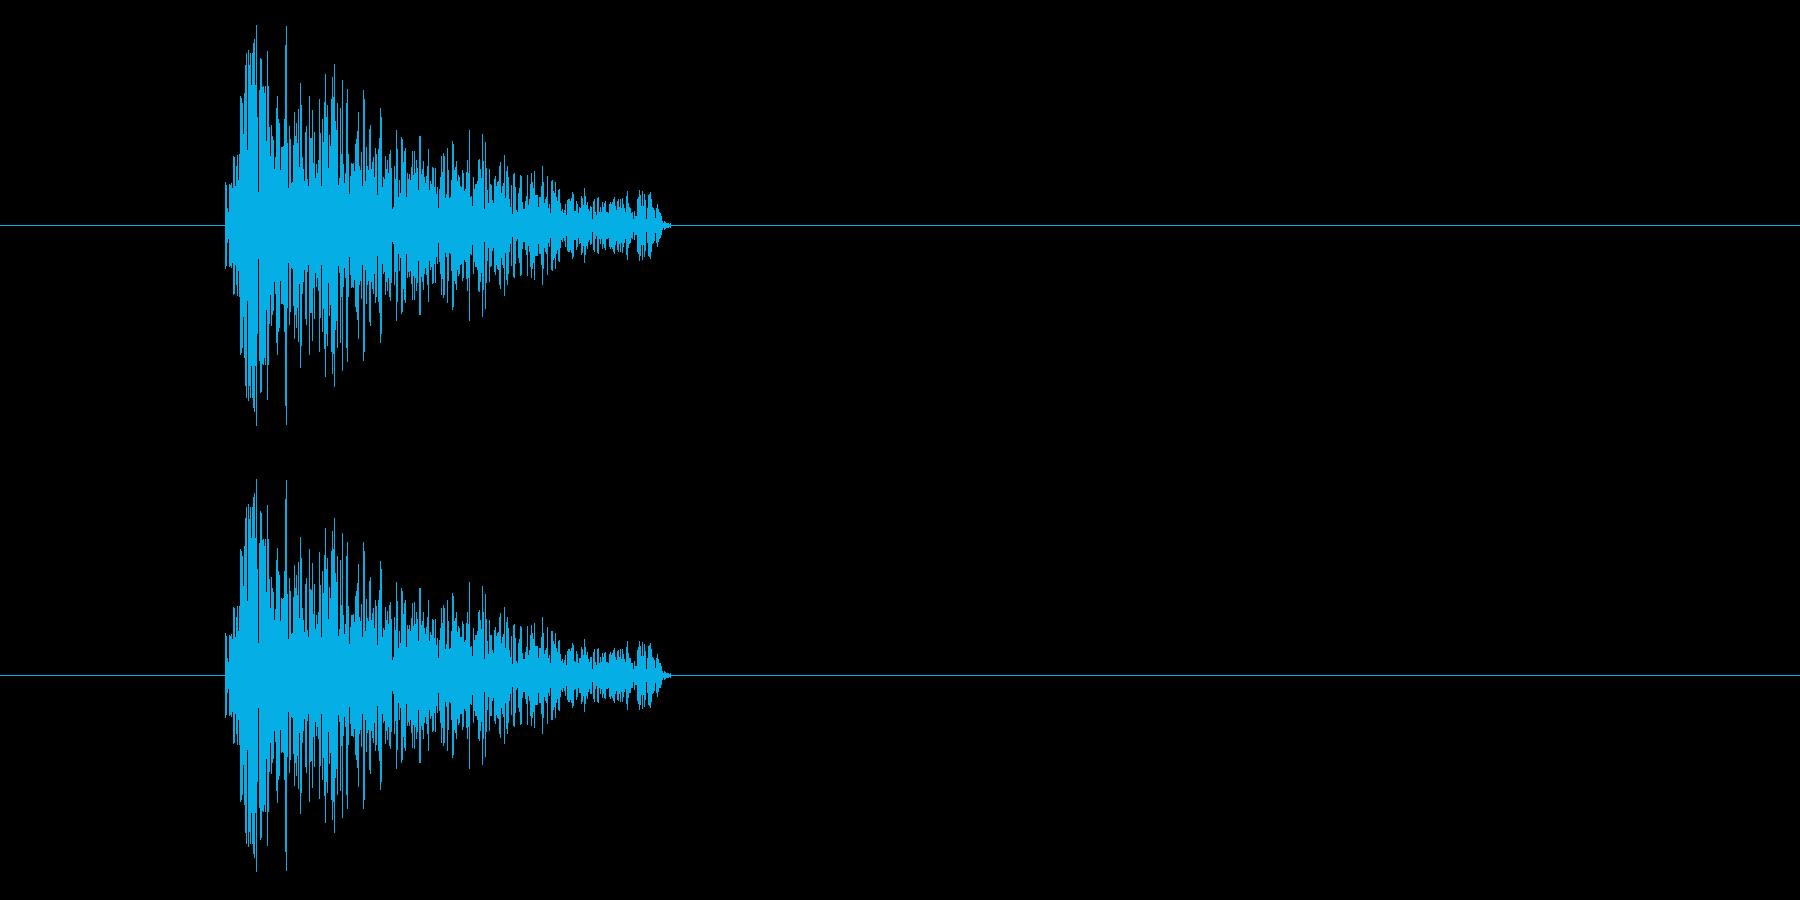 ジャン!レトロなオケヒ_音程低めの再生済みの波形